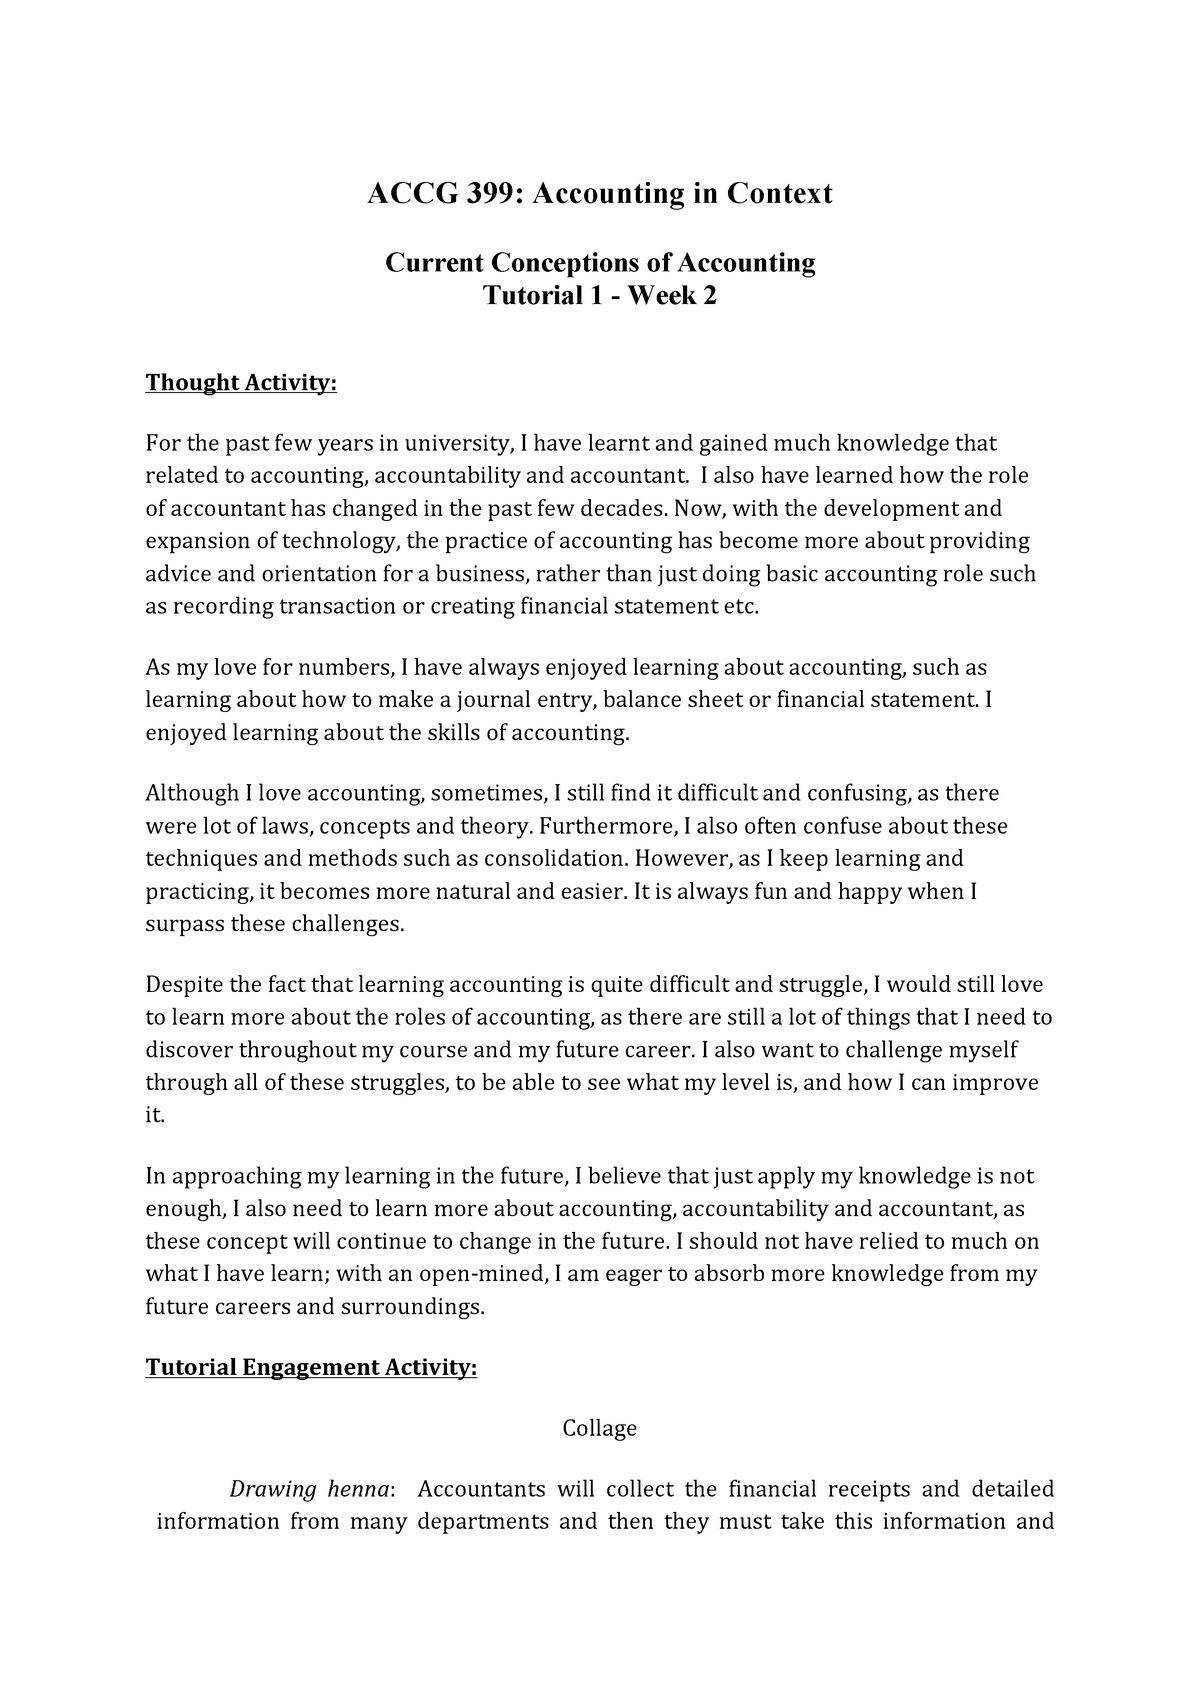 ACCG399 Portforlio - weekly assessment Tutorial work - Week